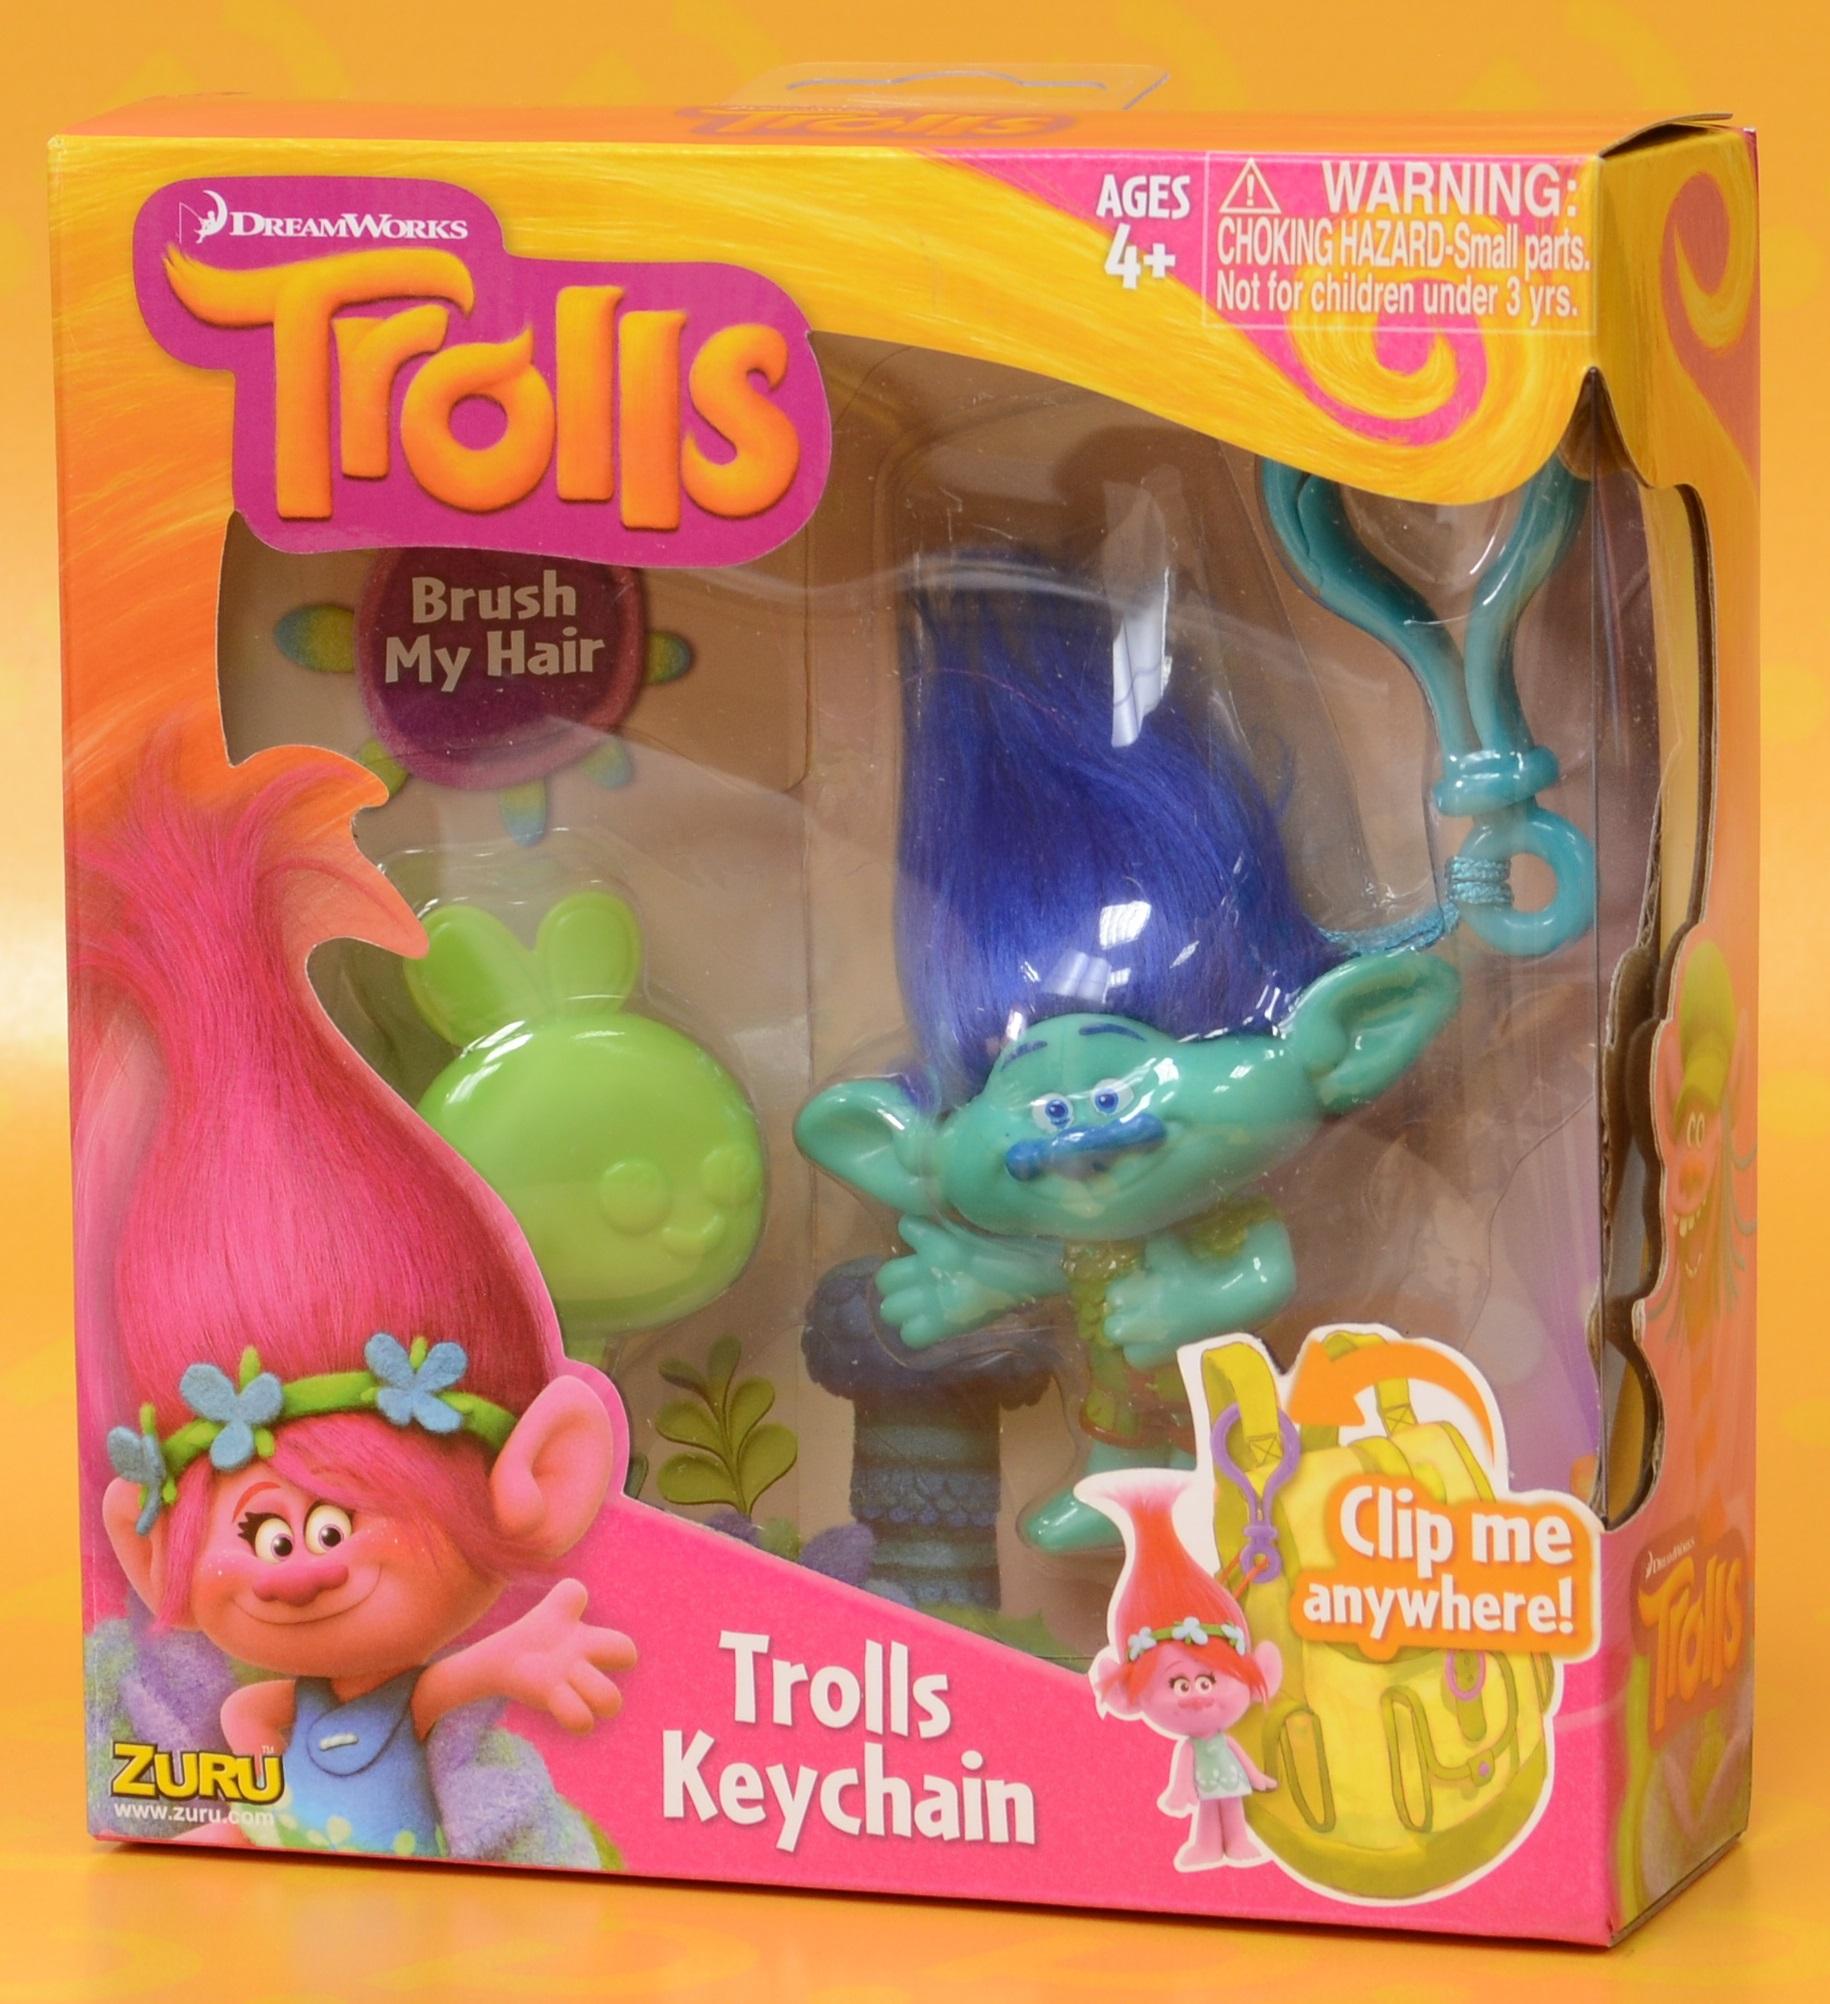 Брелок Trolls. Тролль Цветан (Branch)Представляем вашему вниманию брелок Trolls. Тролль Цветан, созданную по мотивам анимационного фильма производства DreamWorks Animation.<br>